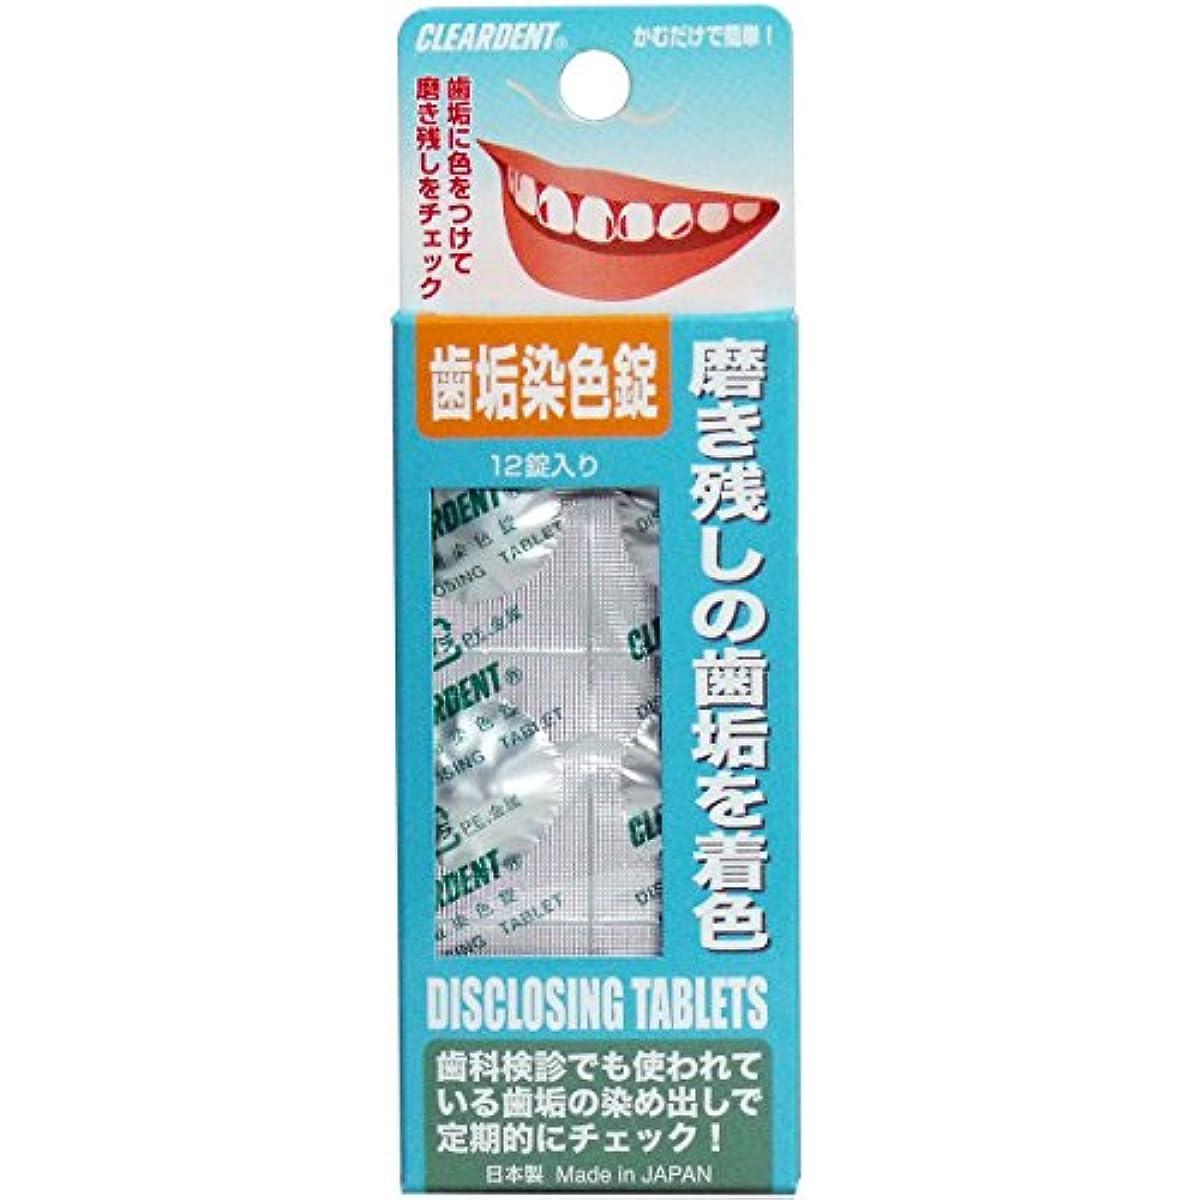 ウールランデブー増幅する広栄社 クリアデント歯垢染色錠12錠